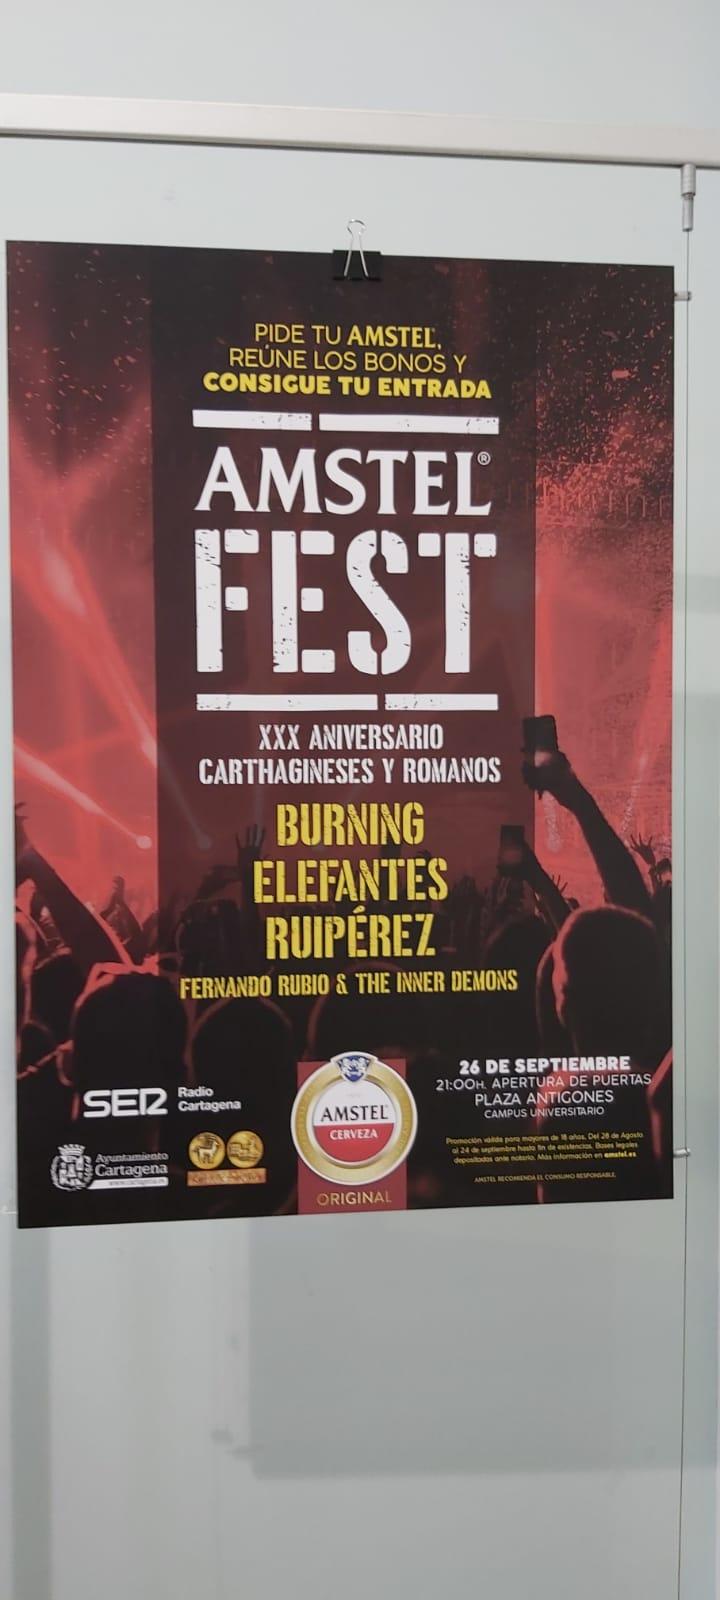 Vuelve el 'Conciertazo' de Amstel bajo el nombre 'Amstel Fest'